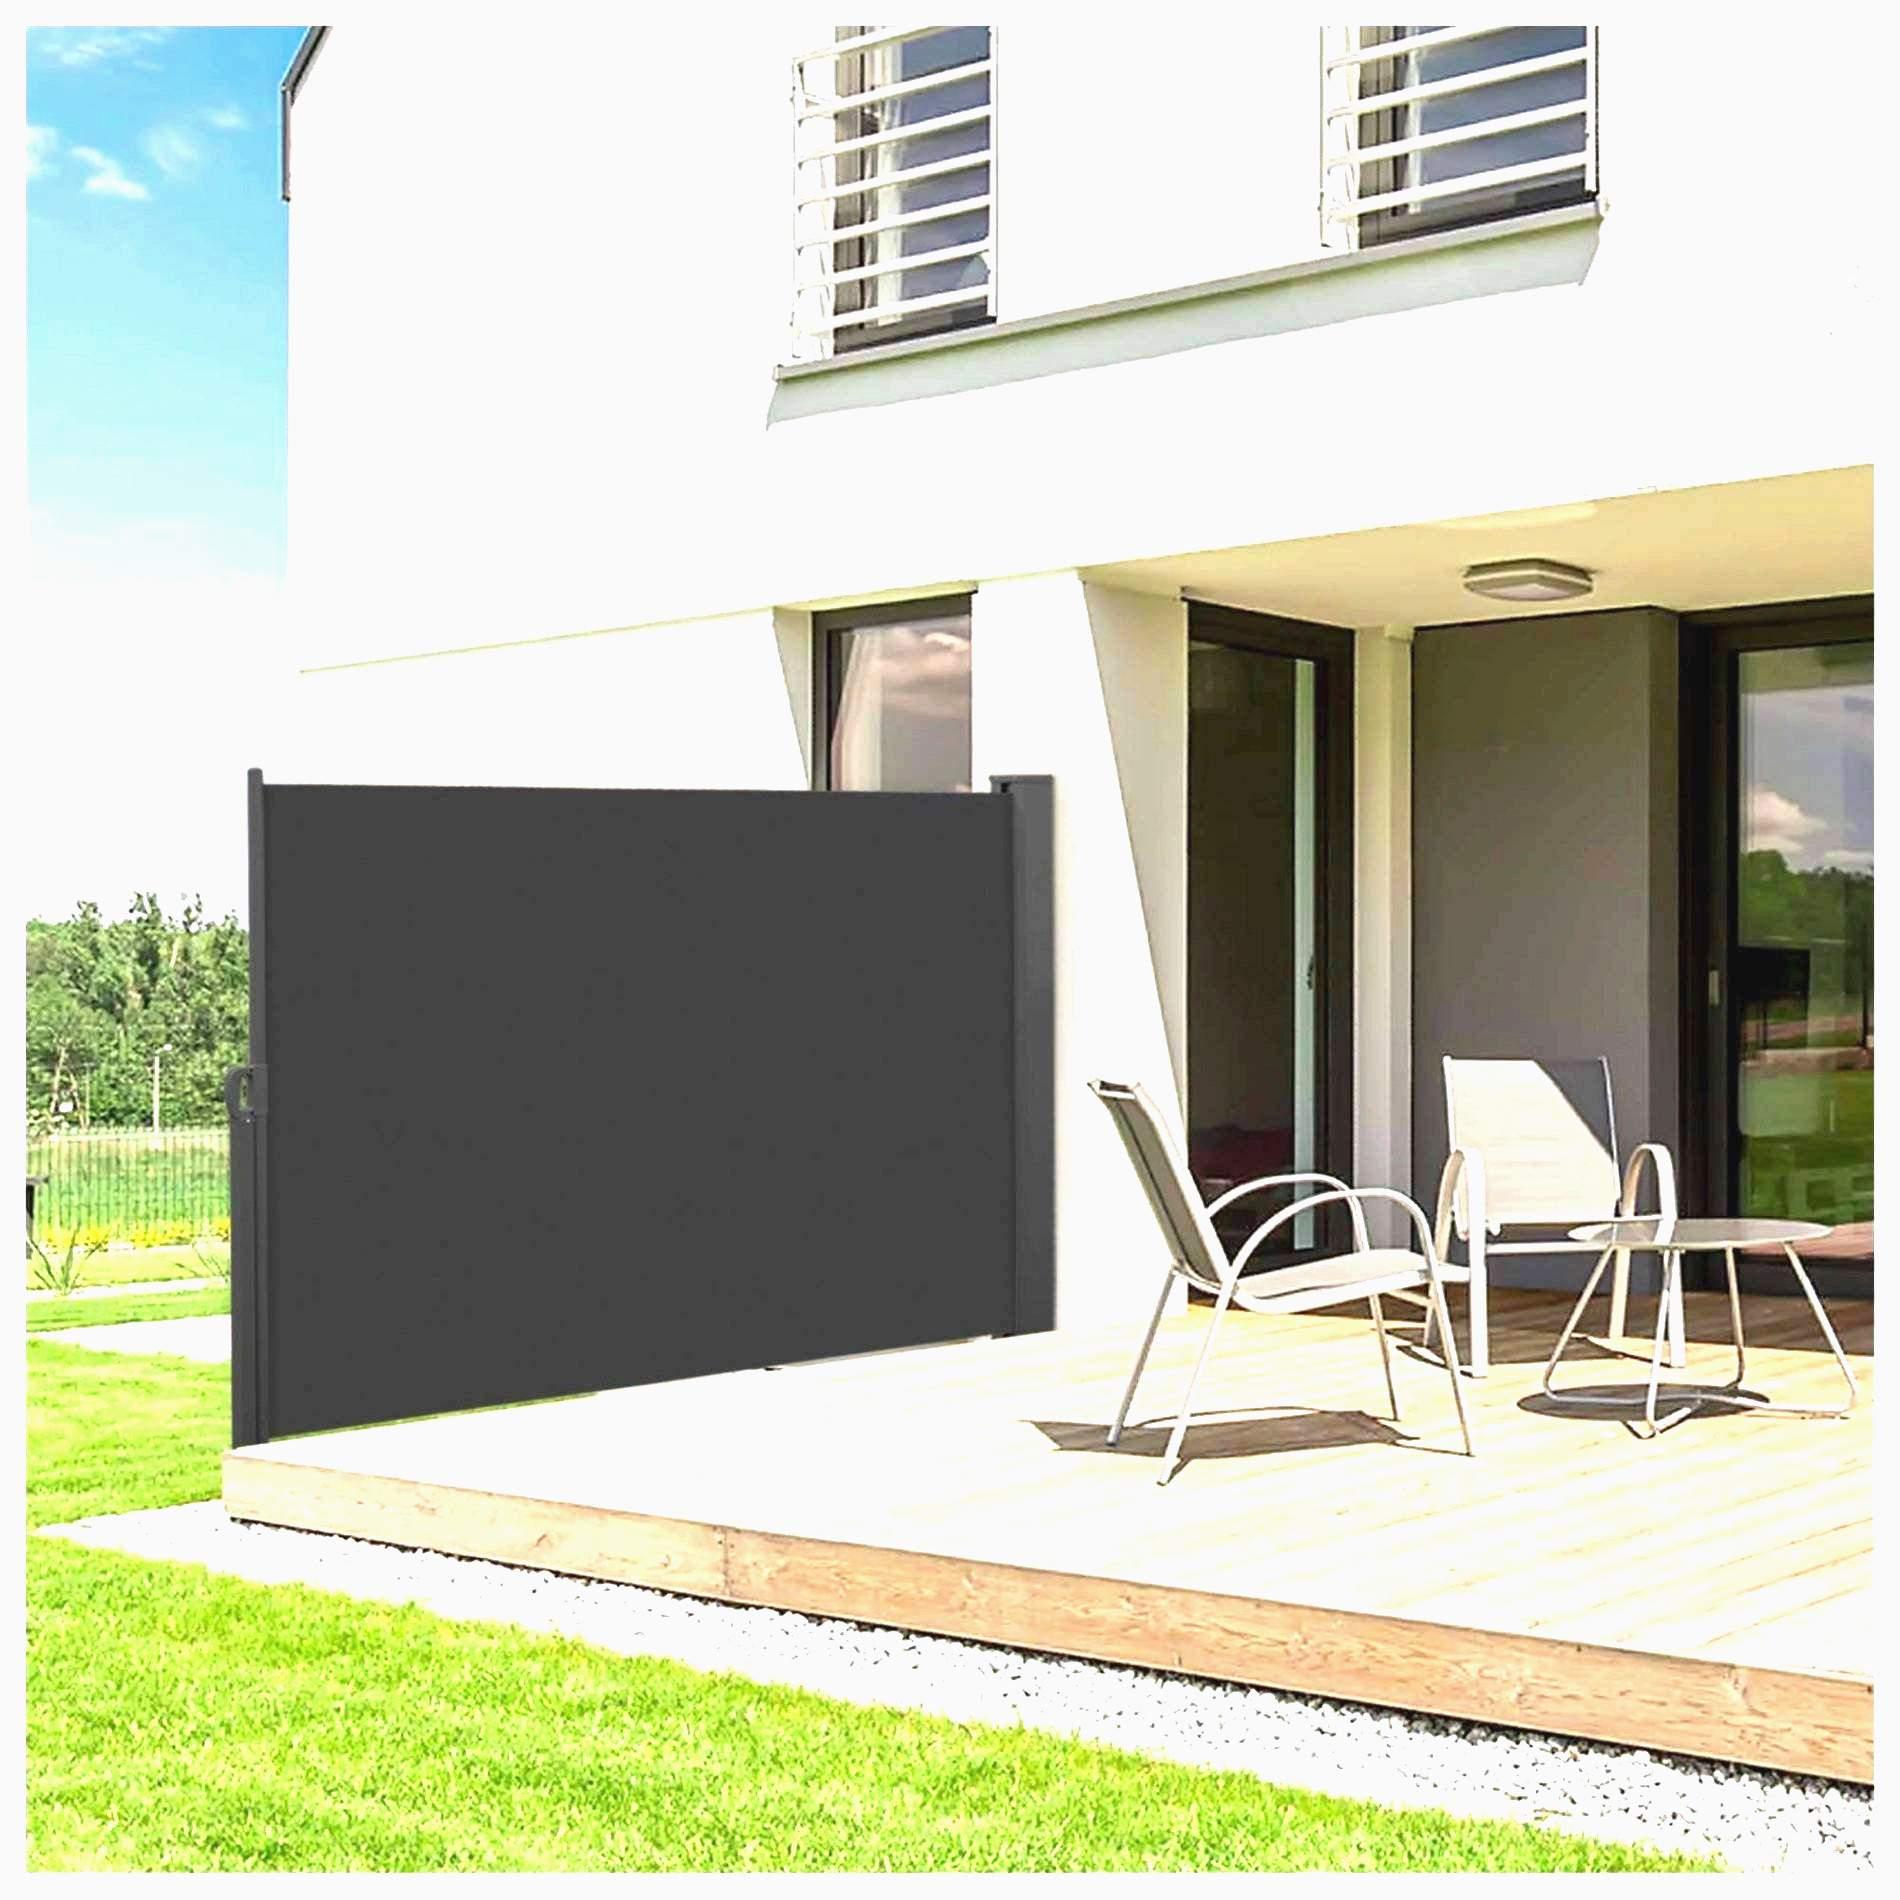 pflanzen wohnzimmer neu holz auf terrasse terrassengestaltung sichtschutz 0d zum of pflanzen wohnzimmer